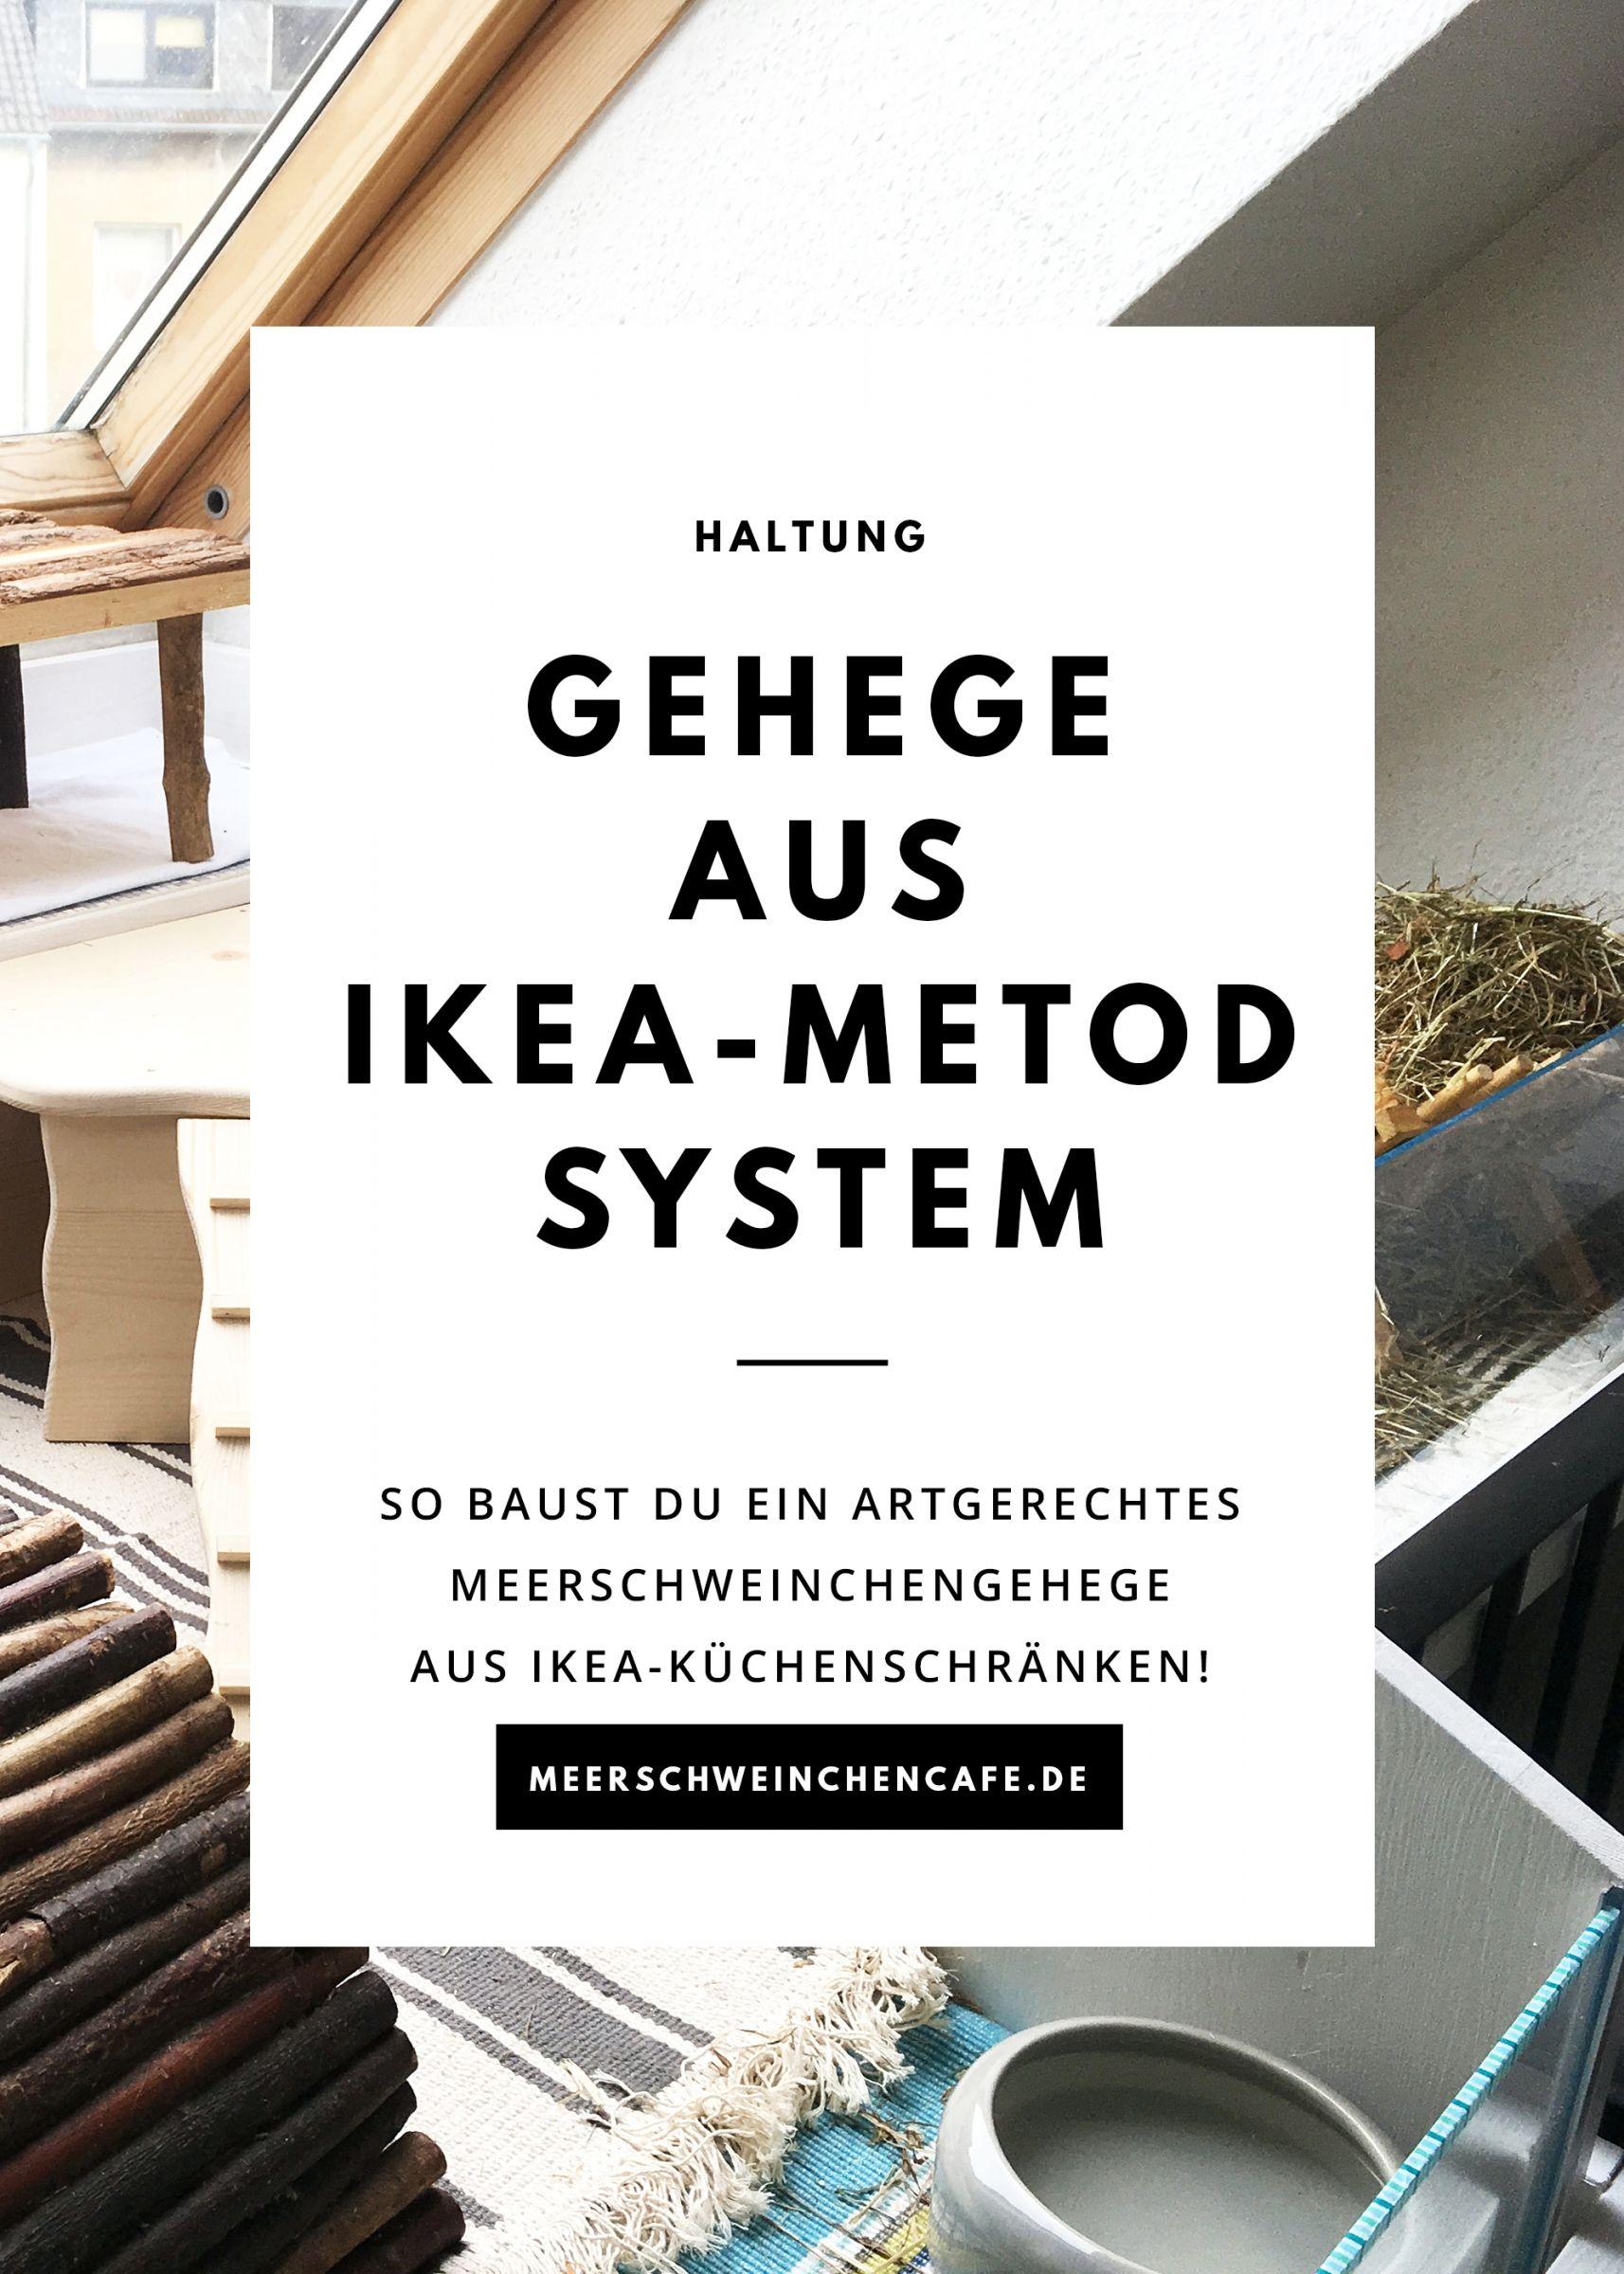 So Baust Du Ein Meerschweinchengehege Aus Ikea Kuchenschranken